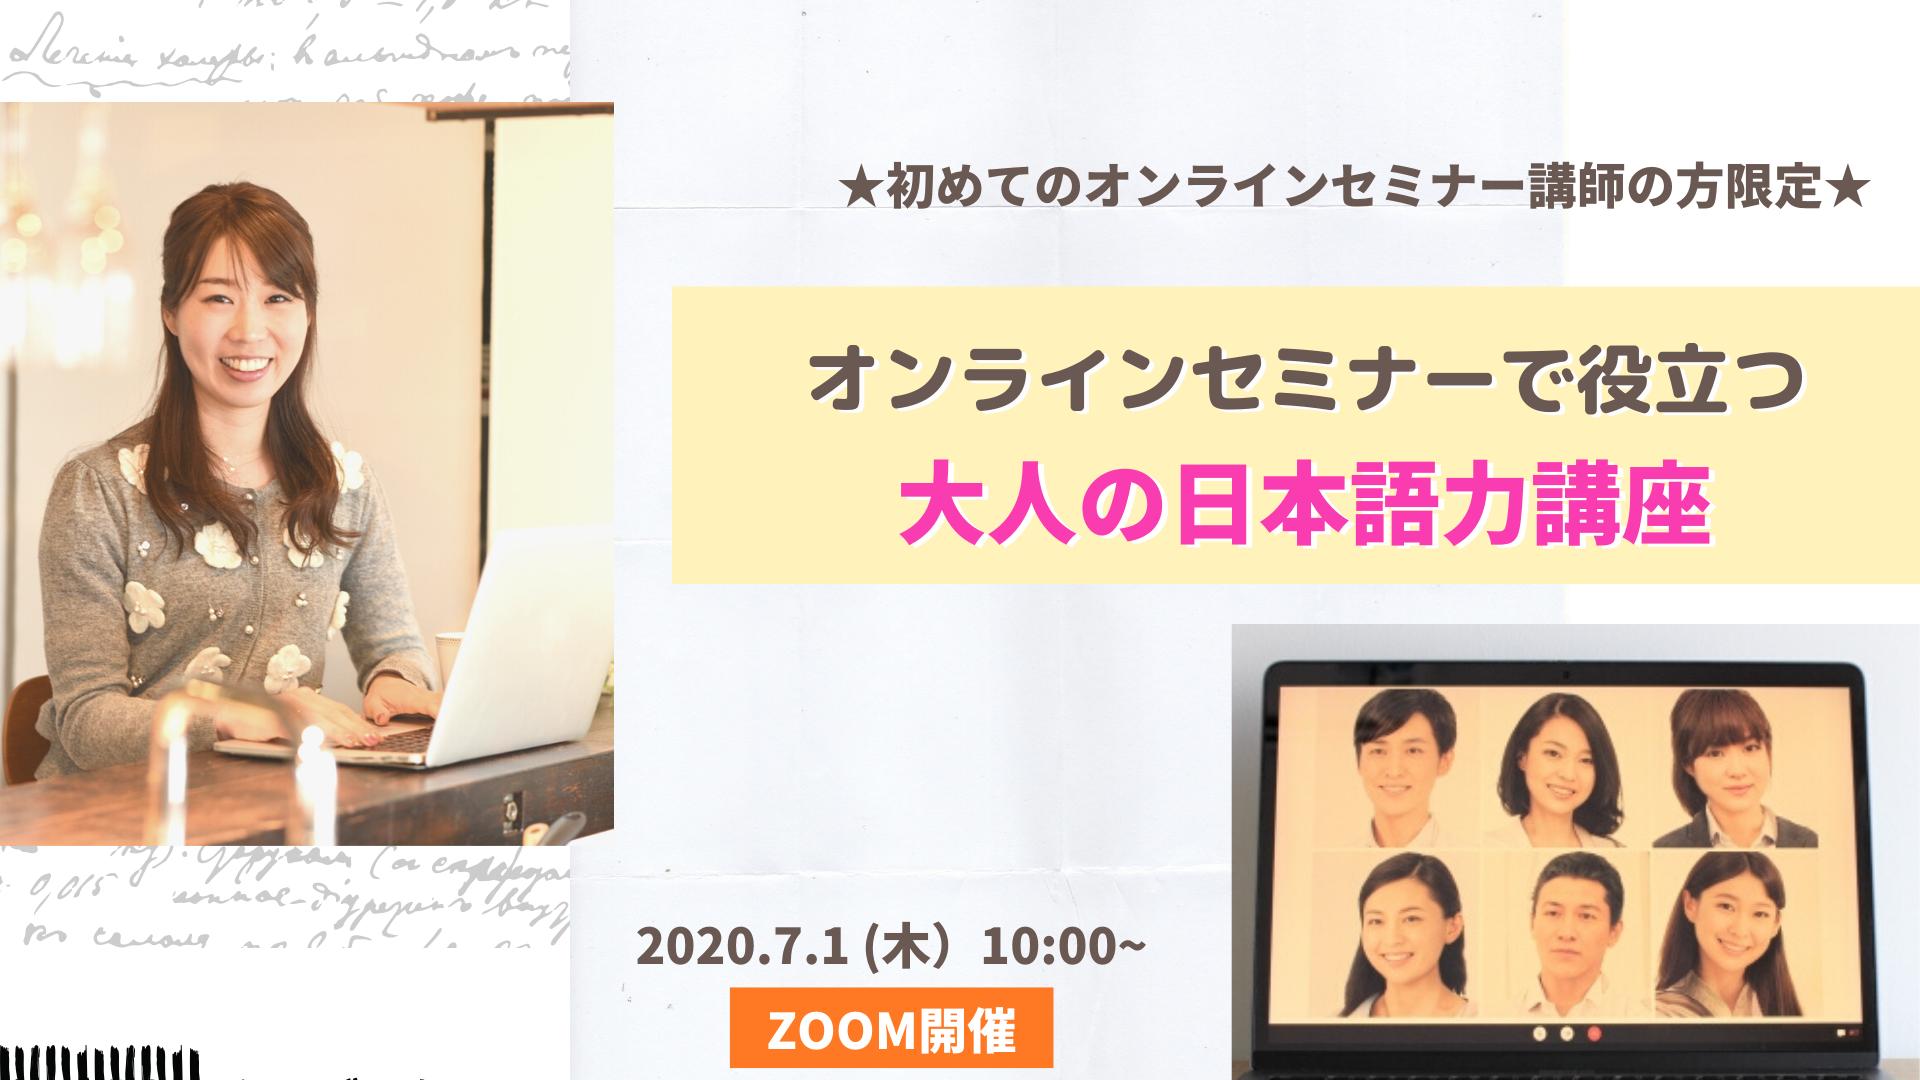 7/1 【オンライン】☆初めてのオンラインセミナーの方限定☆ オンラインセミナーで役立つ大人の日本語力講座